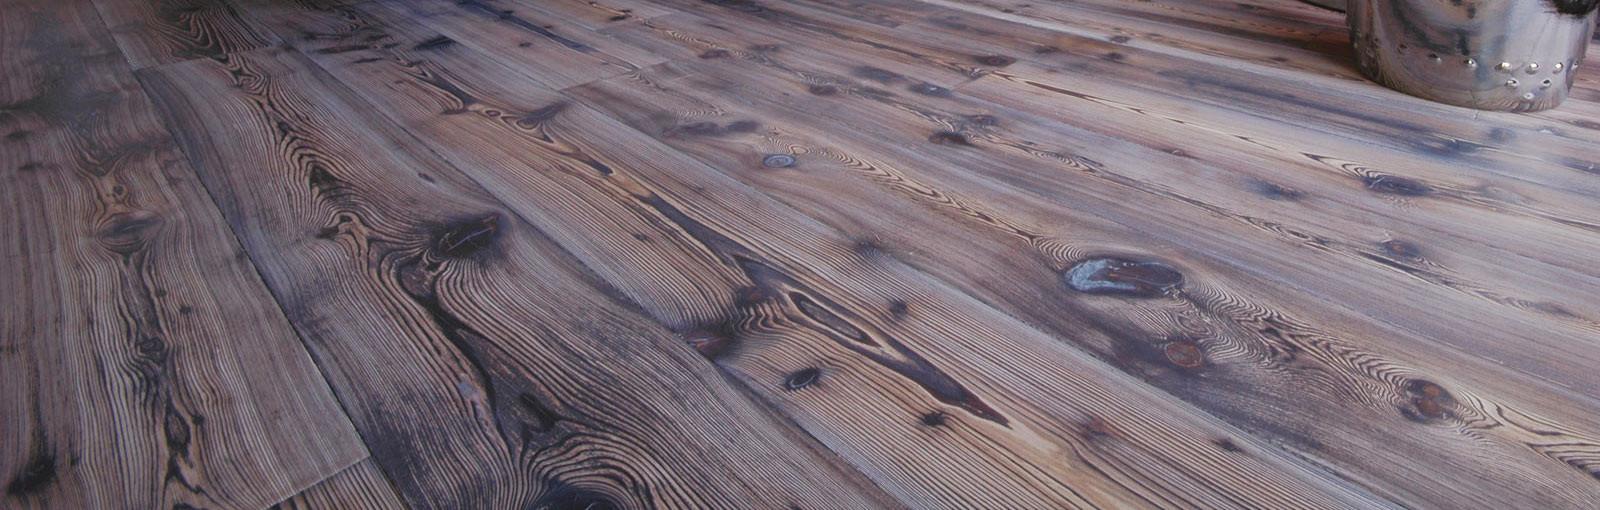 hardwood flooring sales jobs of hardwood westfloors west vancouver hardwood flooring carpet throughout hardwood westfloors west vancouver hardwood flooring carpet laminate floors tiles bamboo cork west vancouver flooring design center